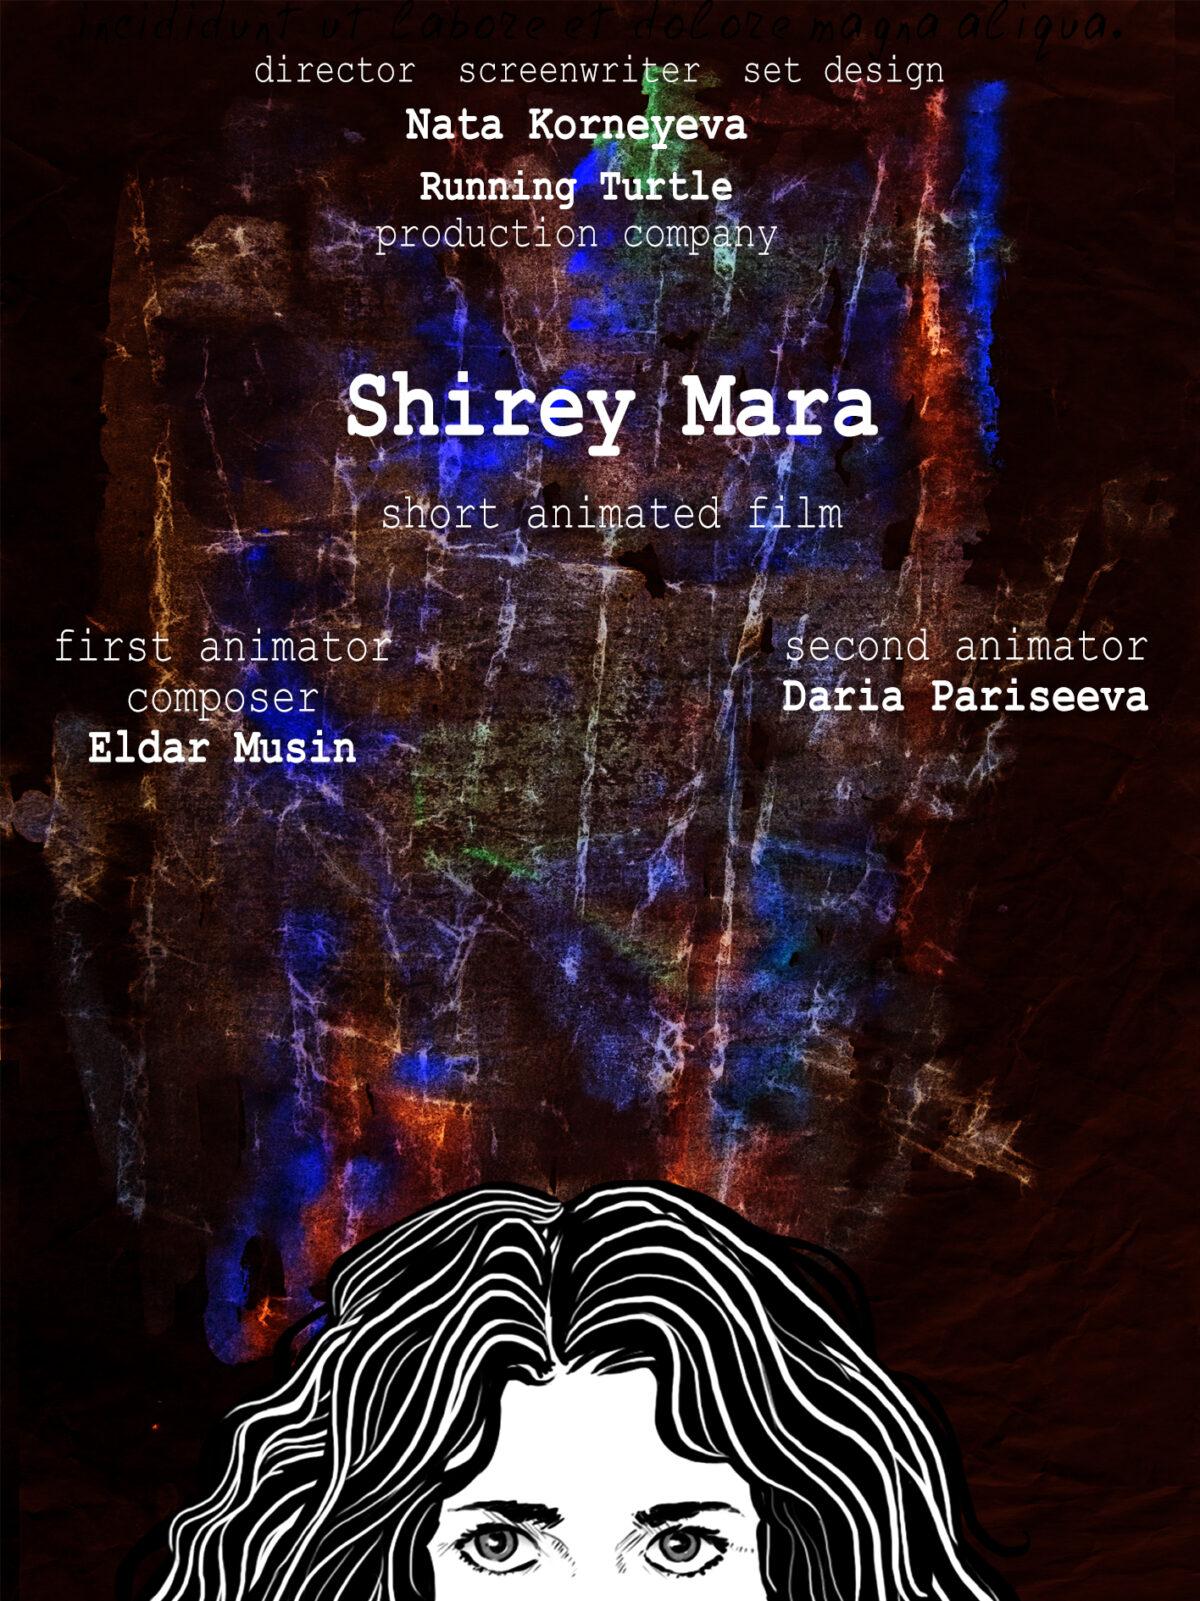 Poster for Shirey Mara.